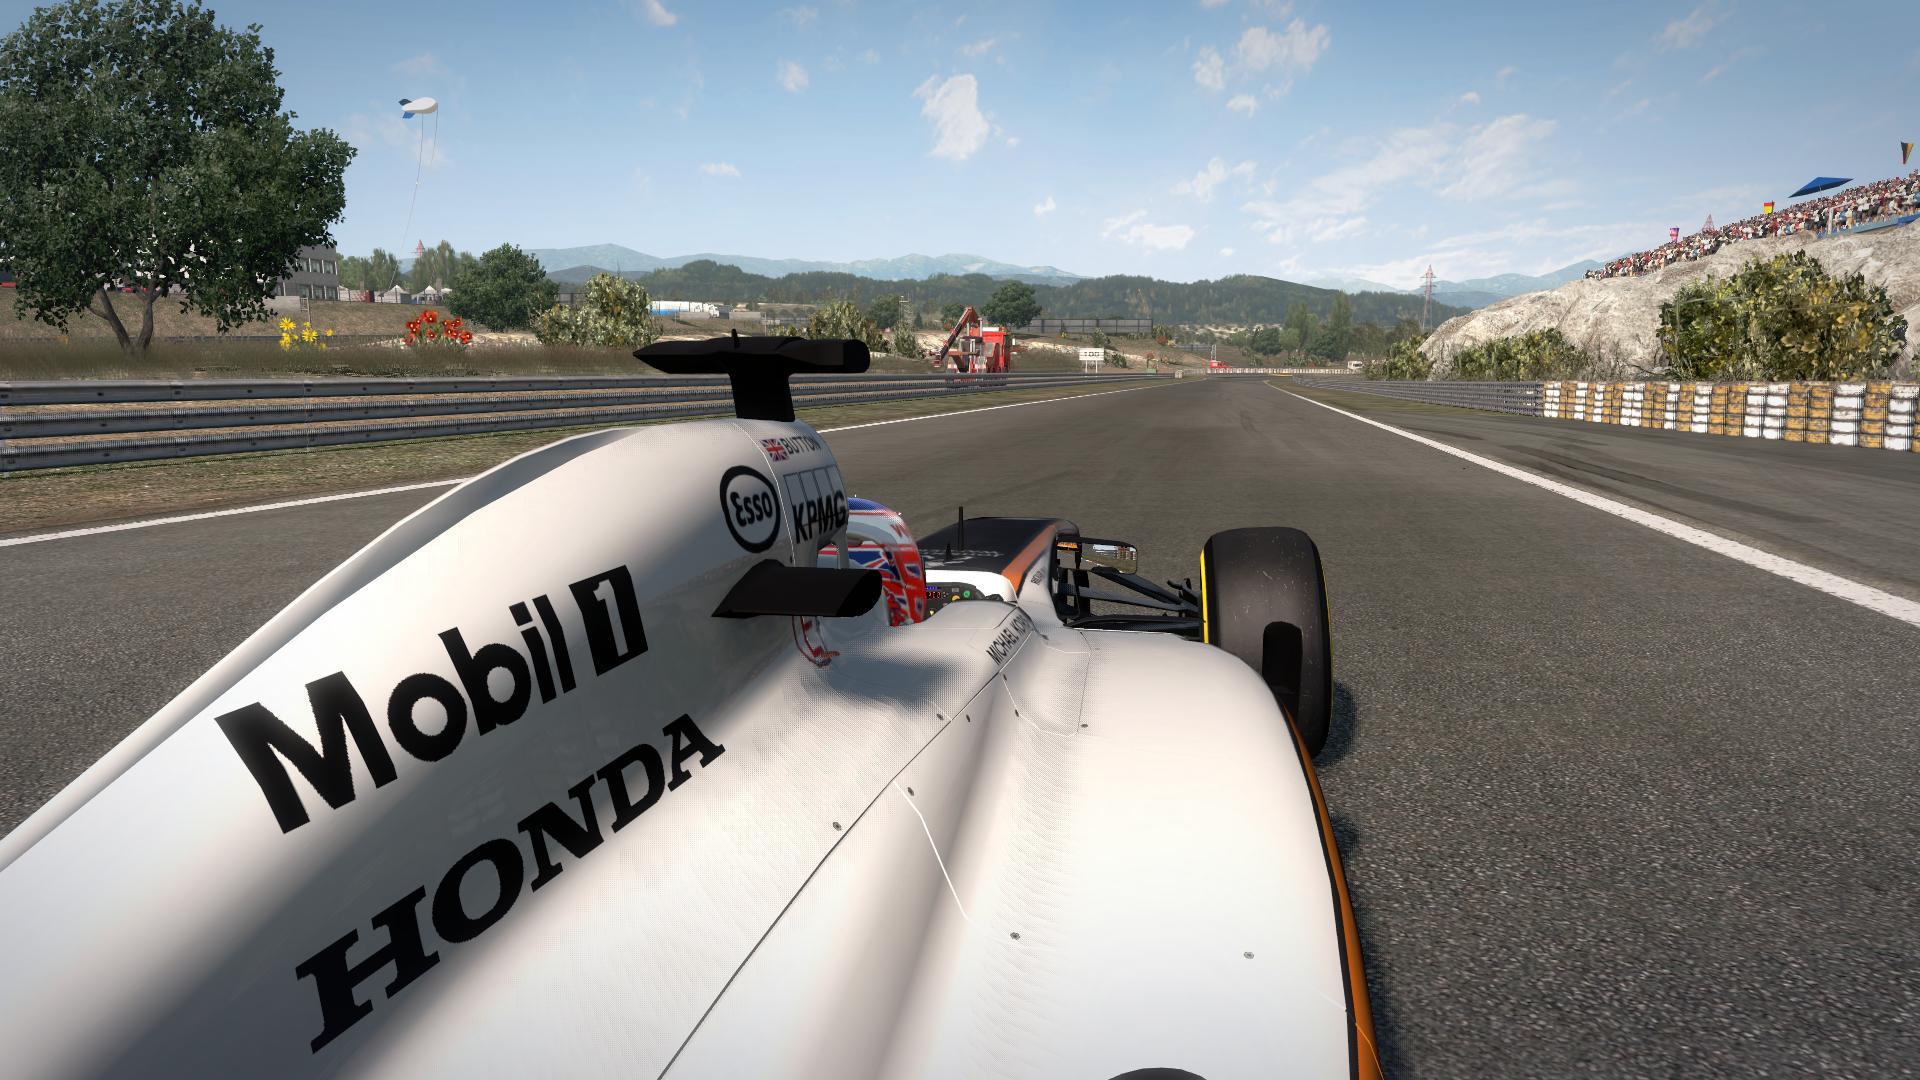 F1_2013 2016-07-27 18-30-30-08.jpg